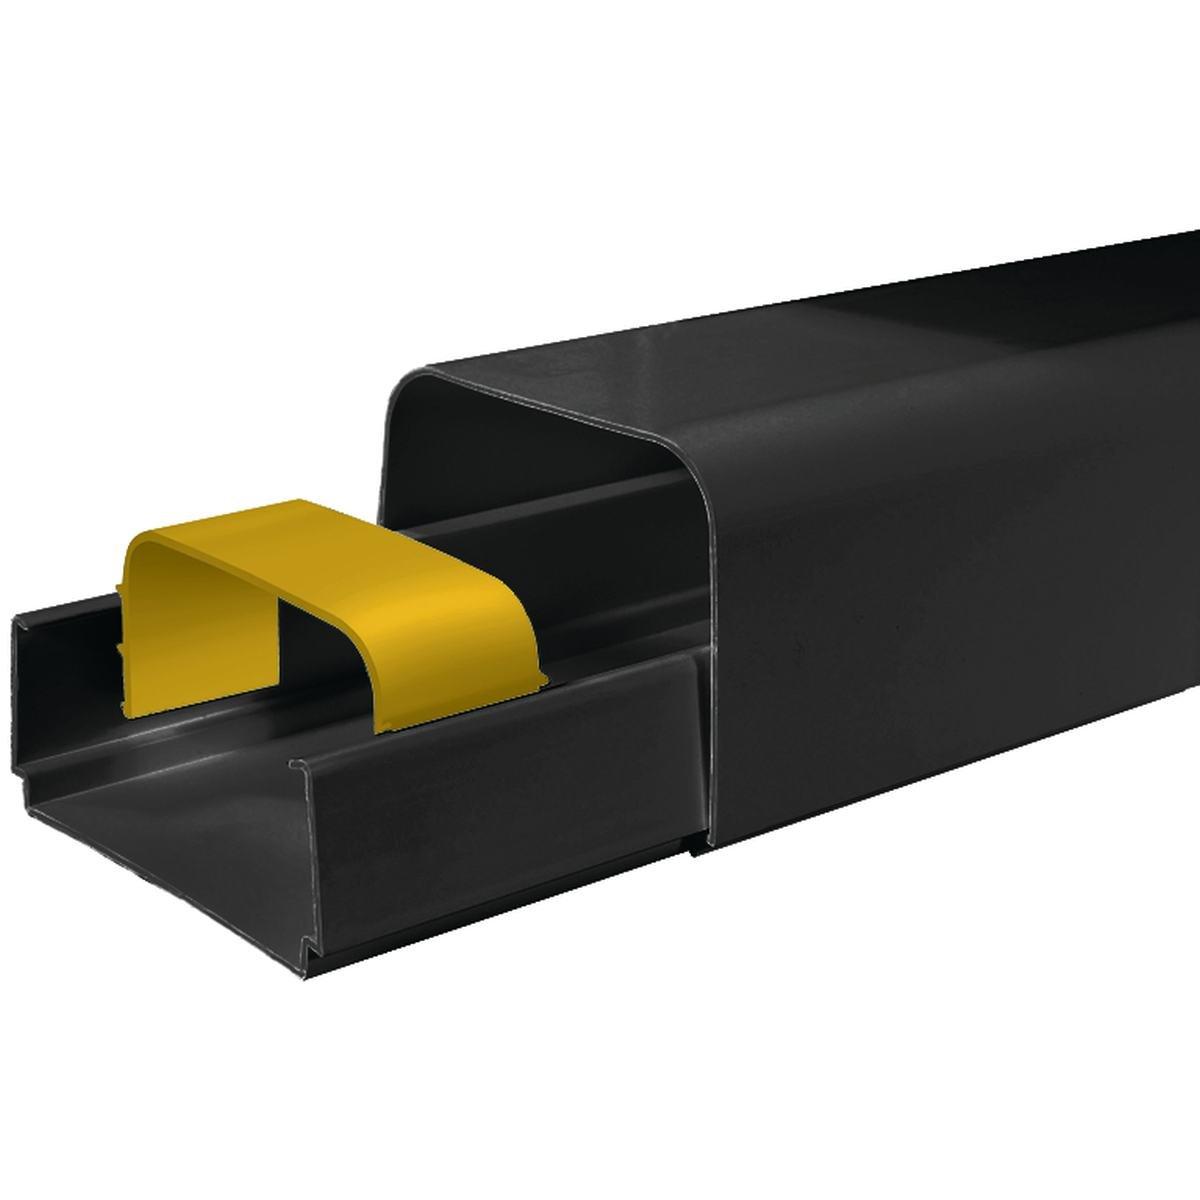 Kanallåda 80 x 60 mm svart 1 stk á 2 m